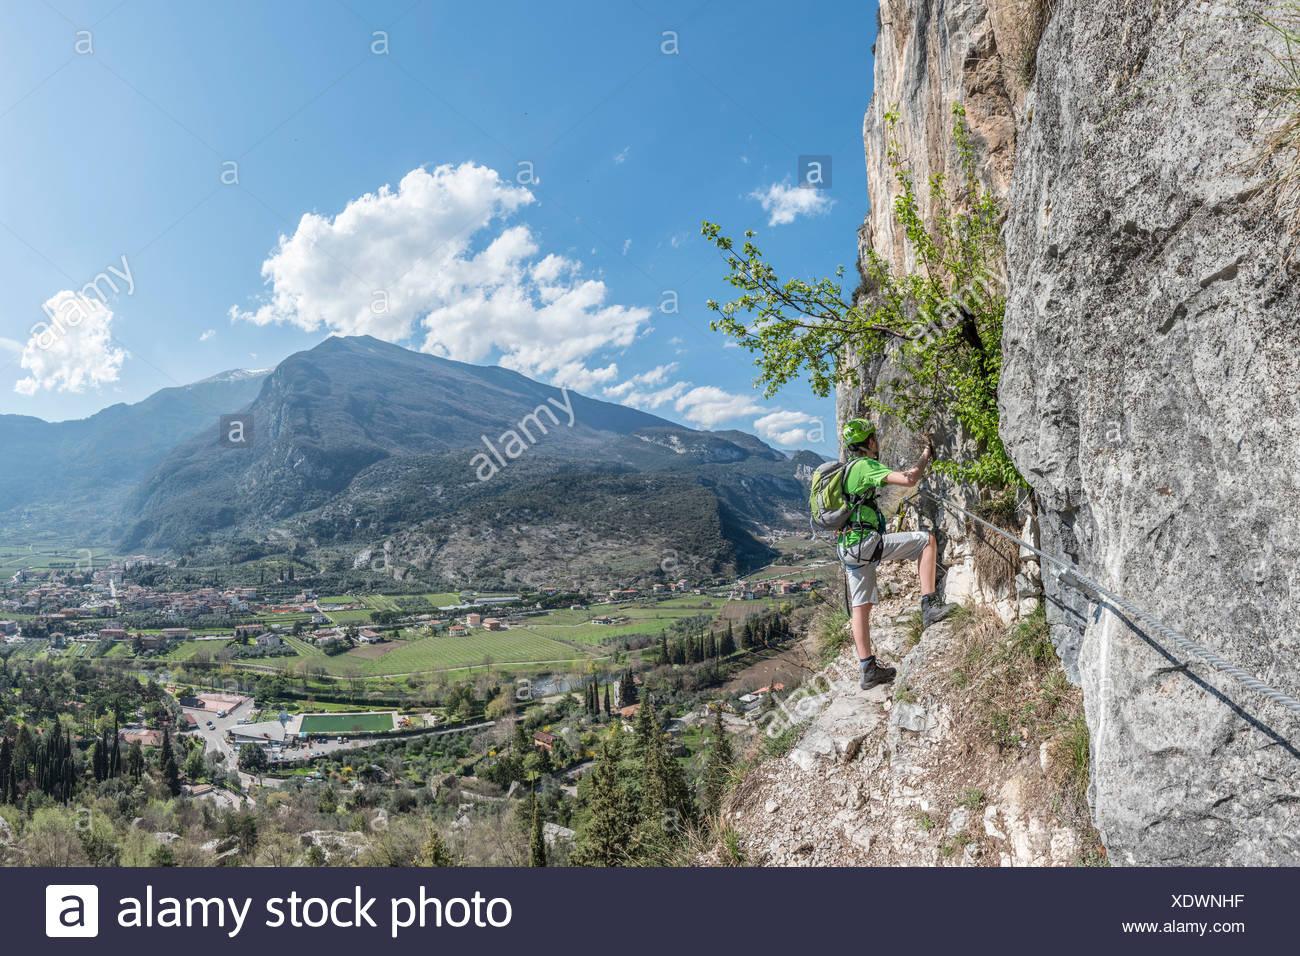 Klettersteig Arco : Wander special der familienfreundliche klettersteig bei arco